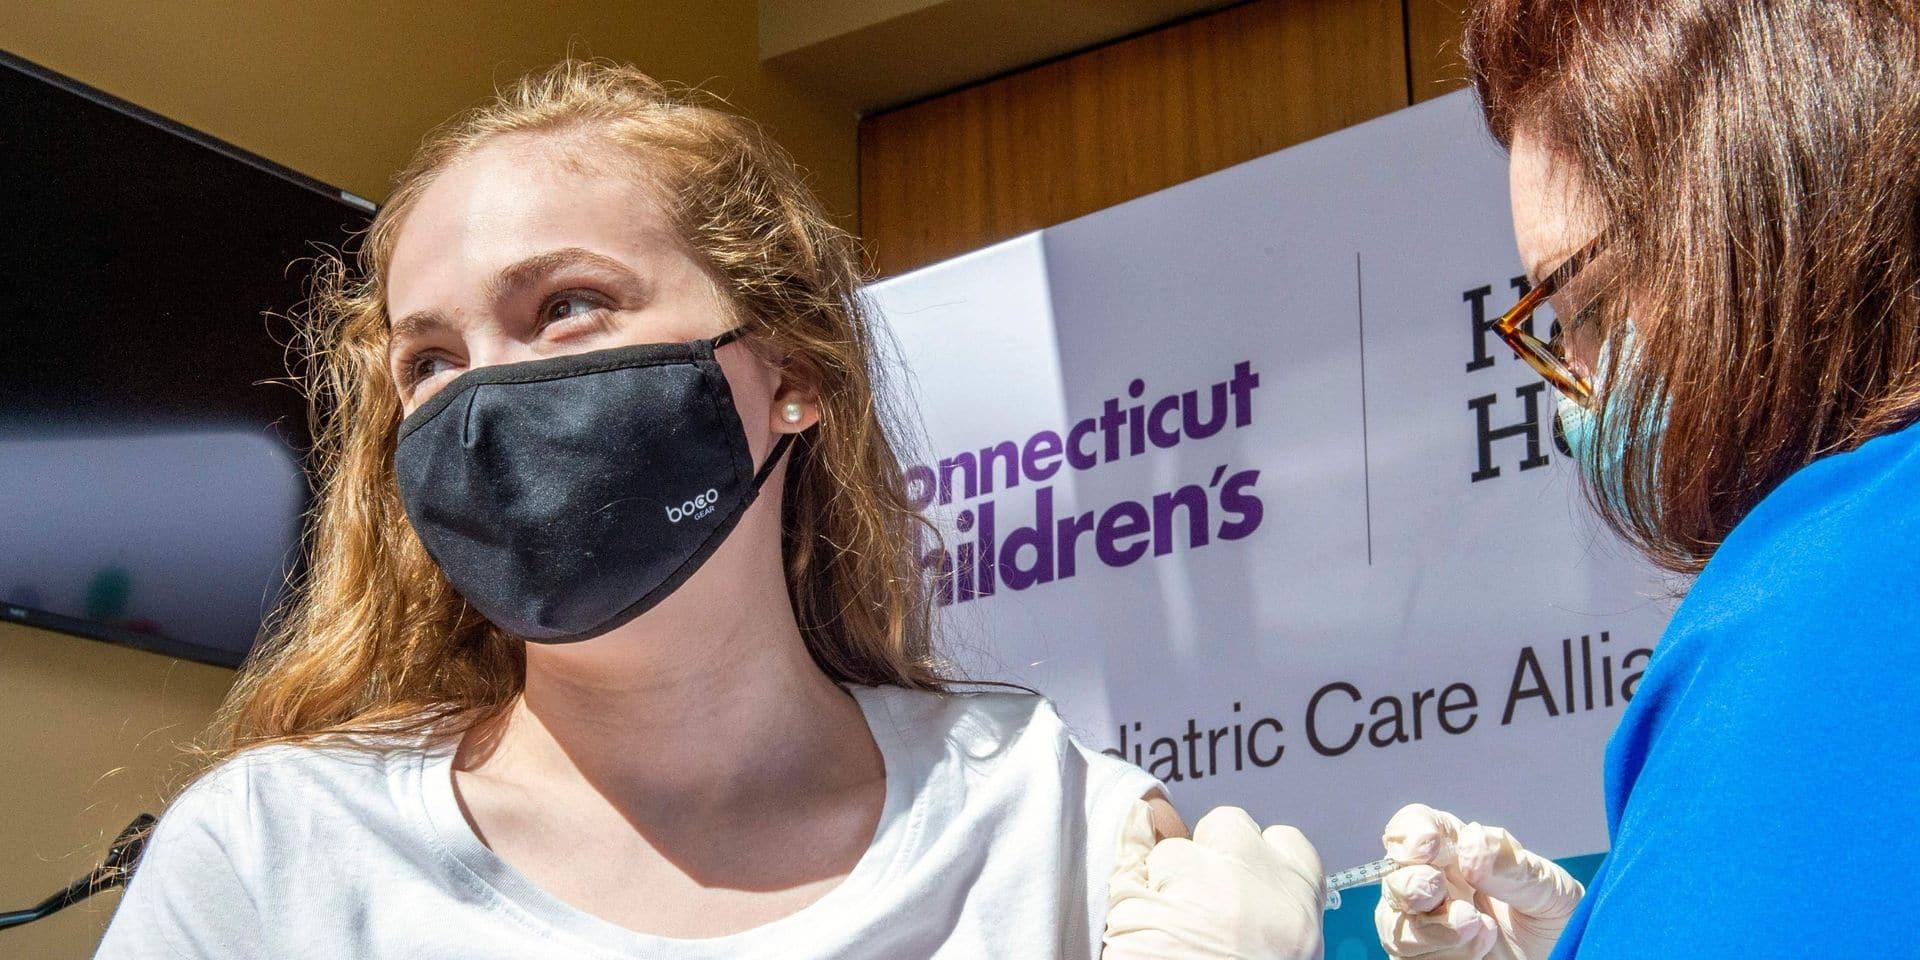 Moderna demande l'autorisation de son vaccin pour les adolescents aux Etats-Unis